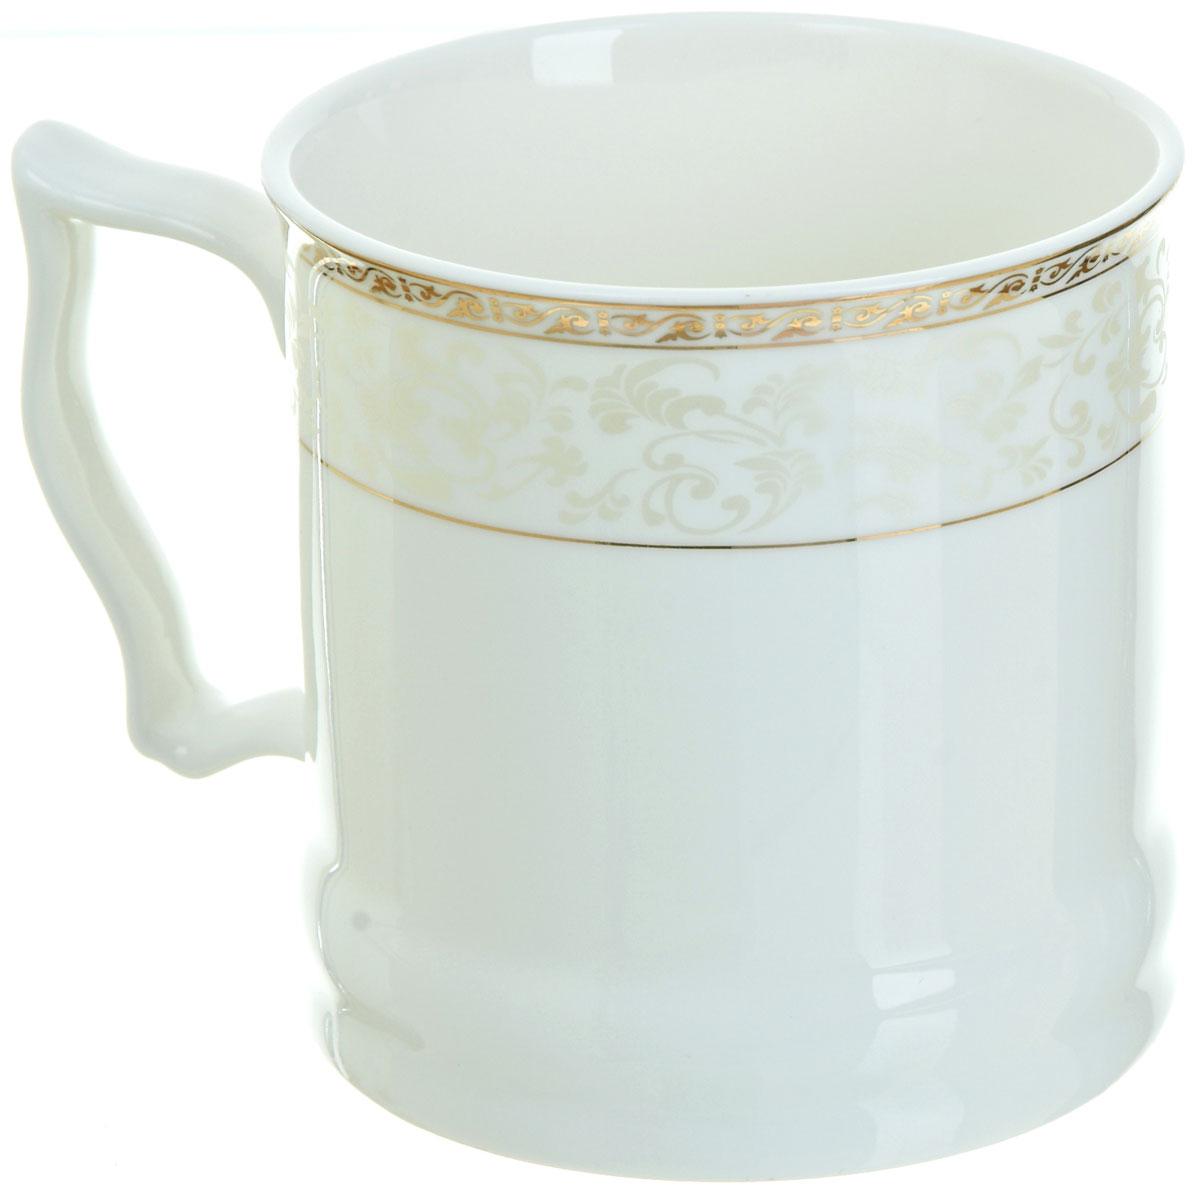 Кружка BHP Королевская кружка, 500 мл. M187000454 009312Оригинальная кружка Best Home Porcelain, выполненная из высококачественного фарфора, сочетает в себе простой, утонченный дизайн с максимальной функциональностью. Оригинальность оформления придутся по вкусу тем, кто ценит индивидуальность. В комплект входит кружка. Можно использовать в ПММ.